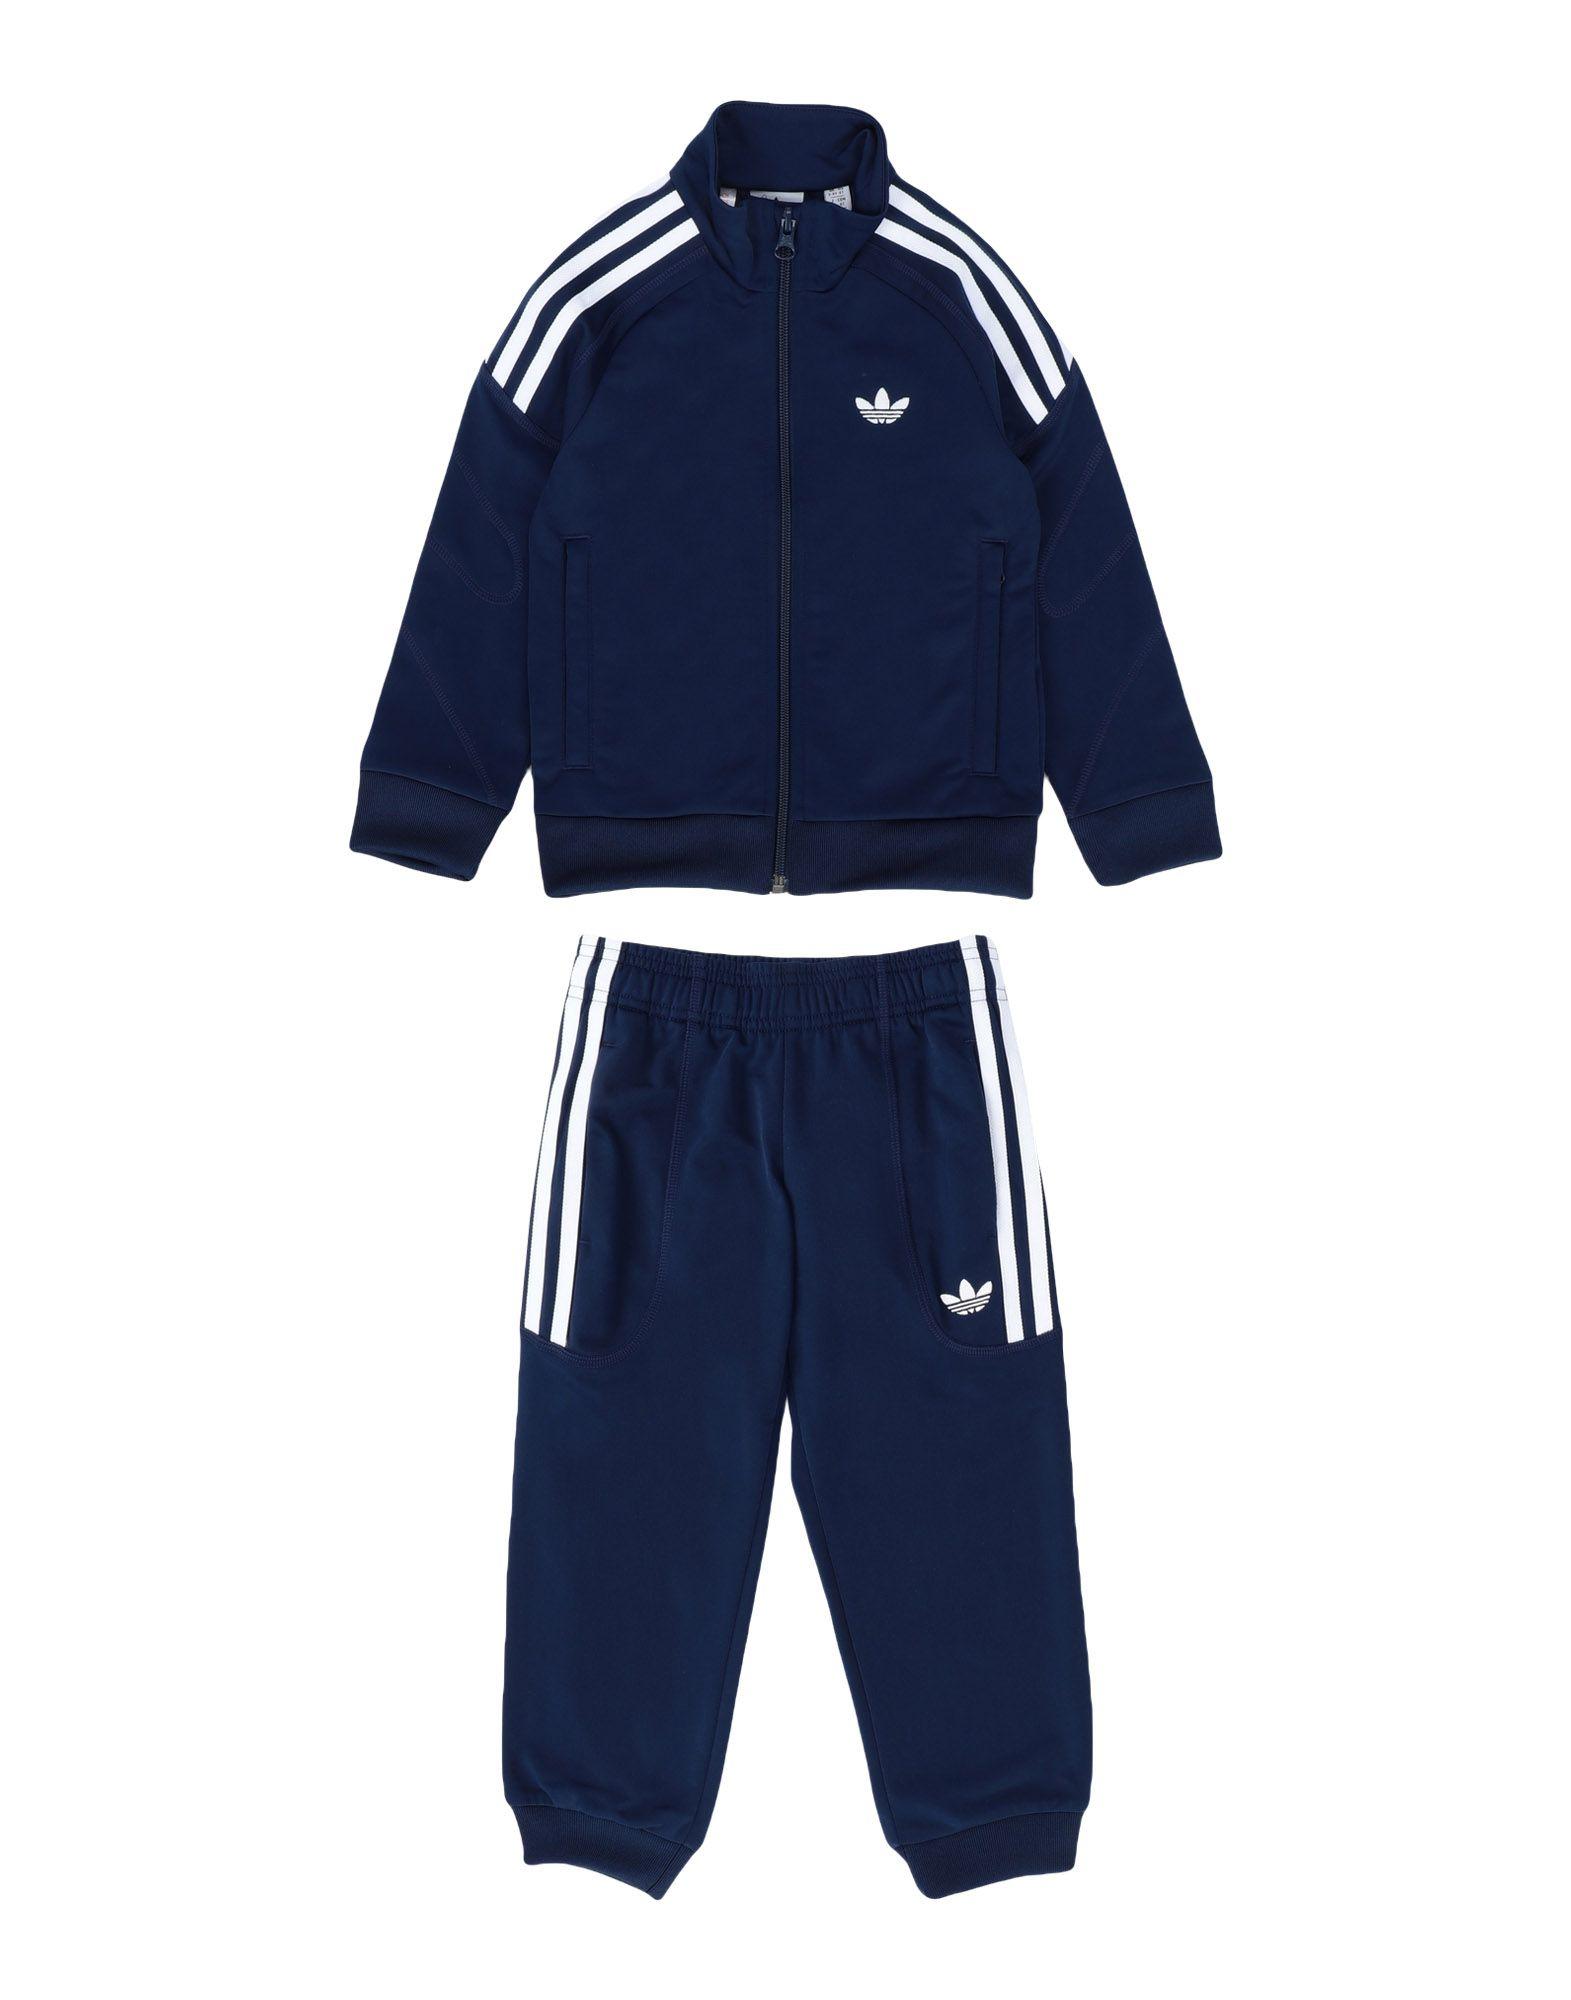 f3ec215ab Chándal Adidas Originals Niño 3-8 años en YOOX